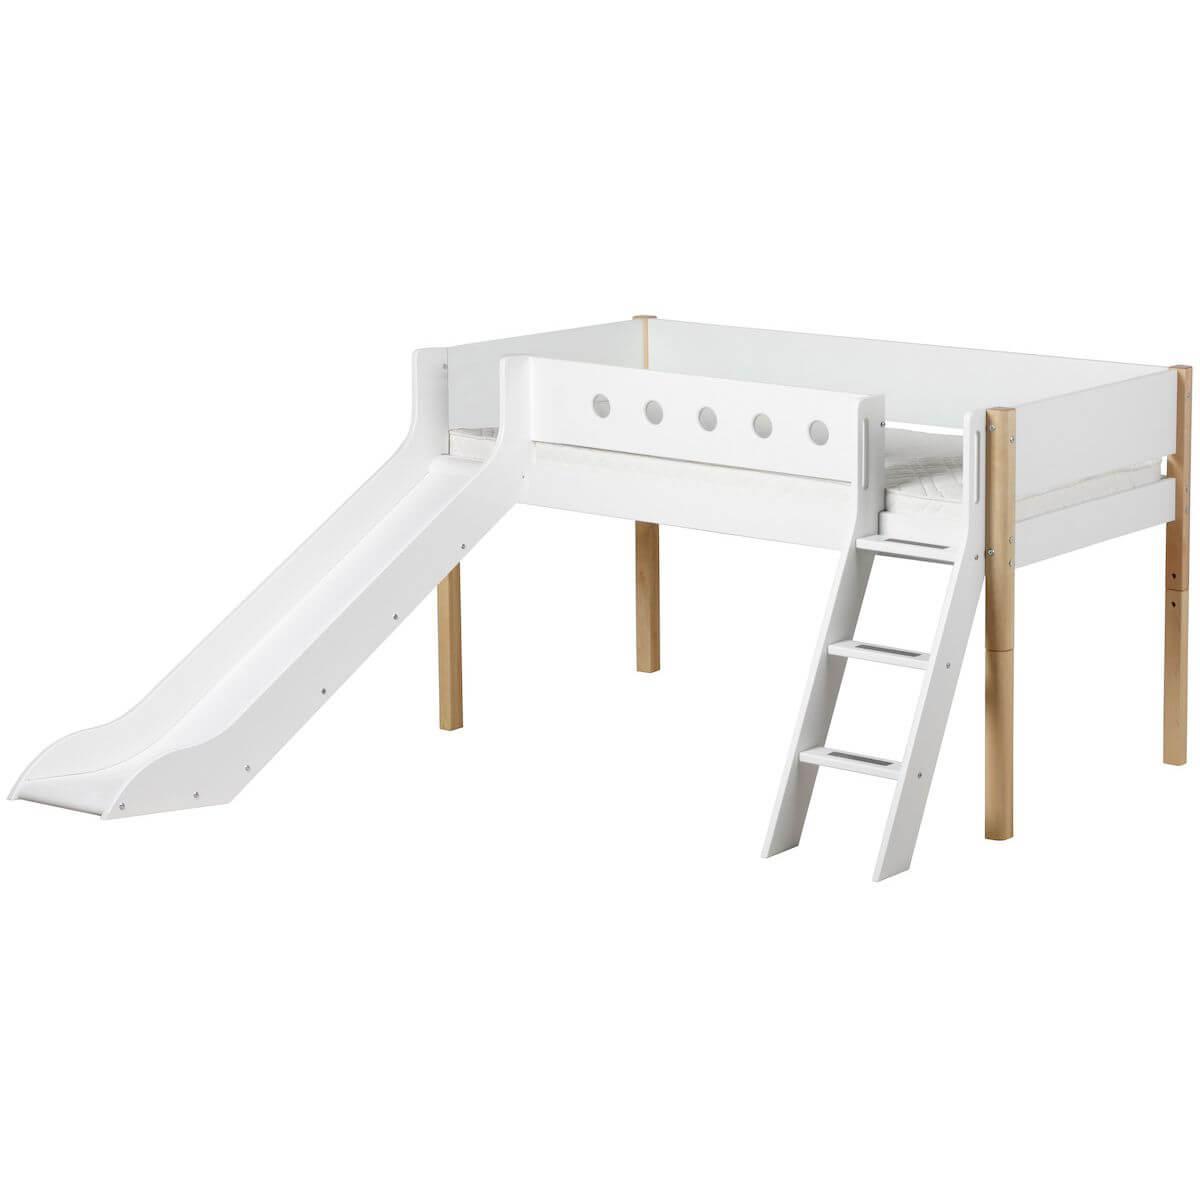 WHITE by Flexa Lit Classic mi-hauteur en MDF 90x200 cm avec échelle inclinée, toboggan, barrière de sécurité blanc et pieds bouleau